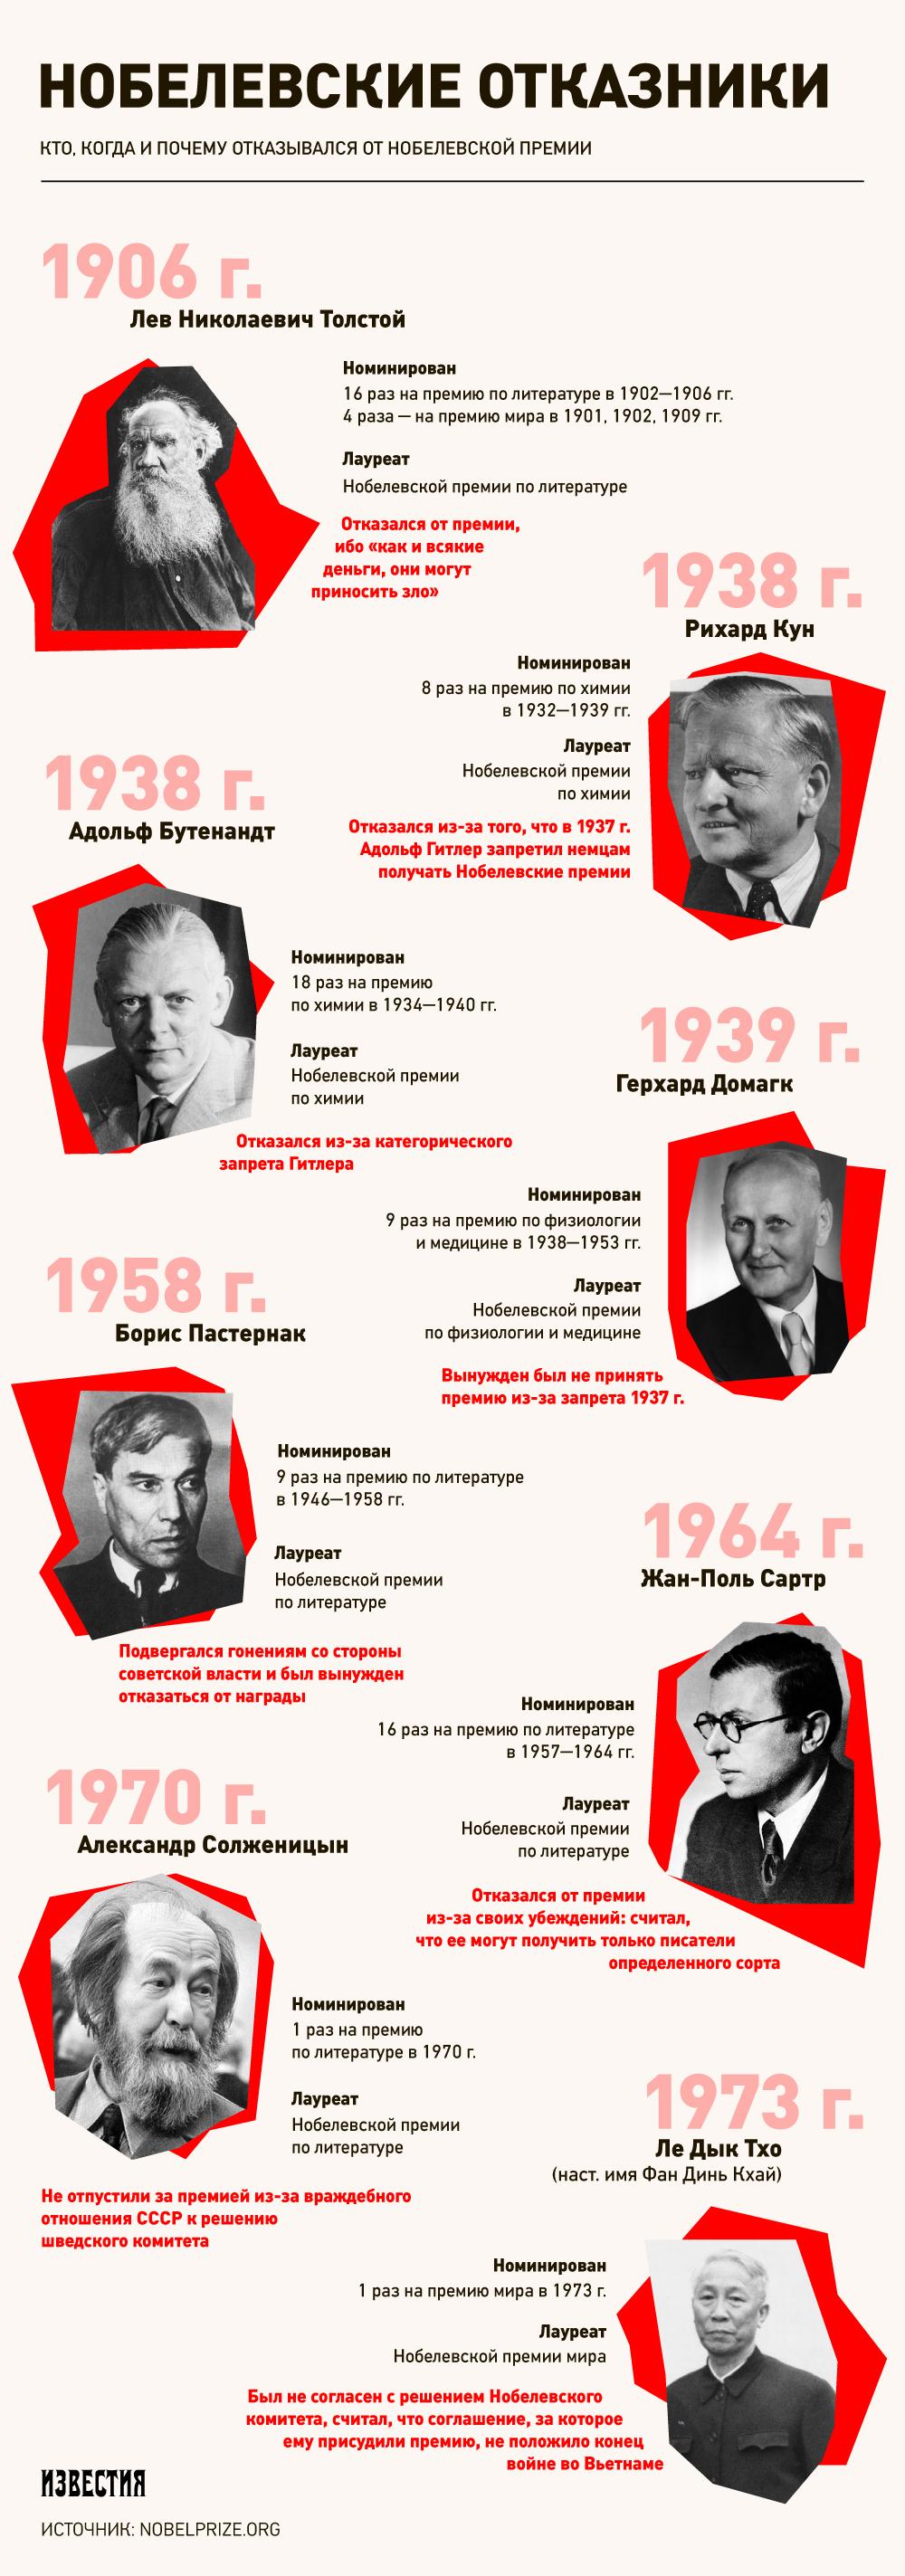 Перельман отказался от нобелевской премии почему